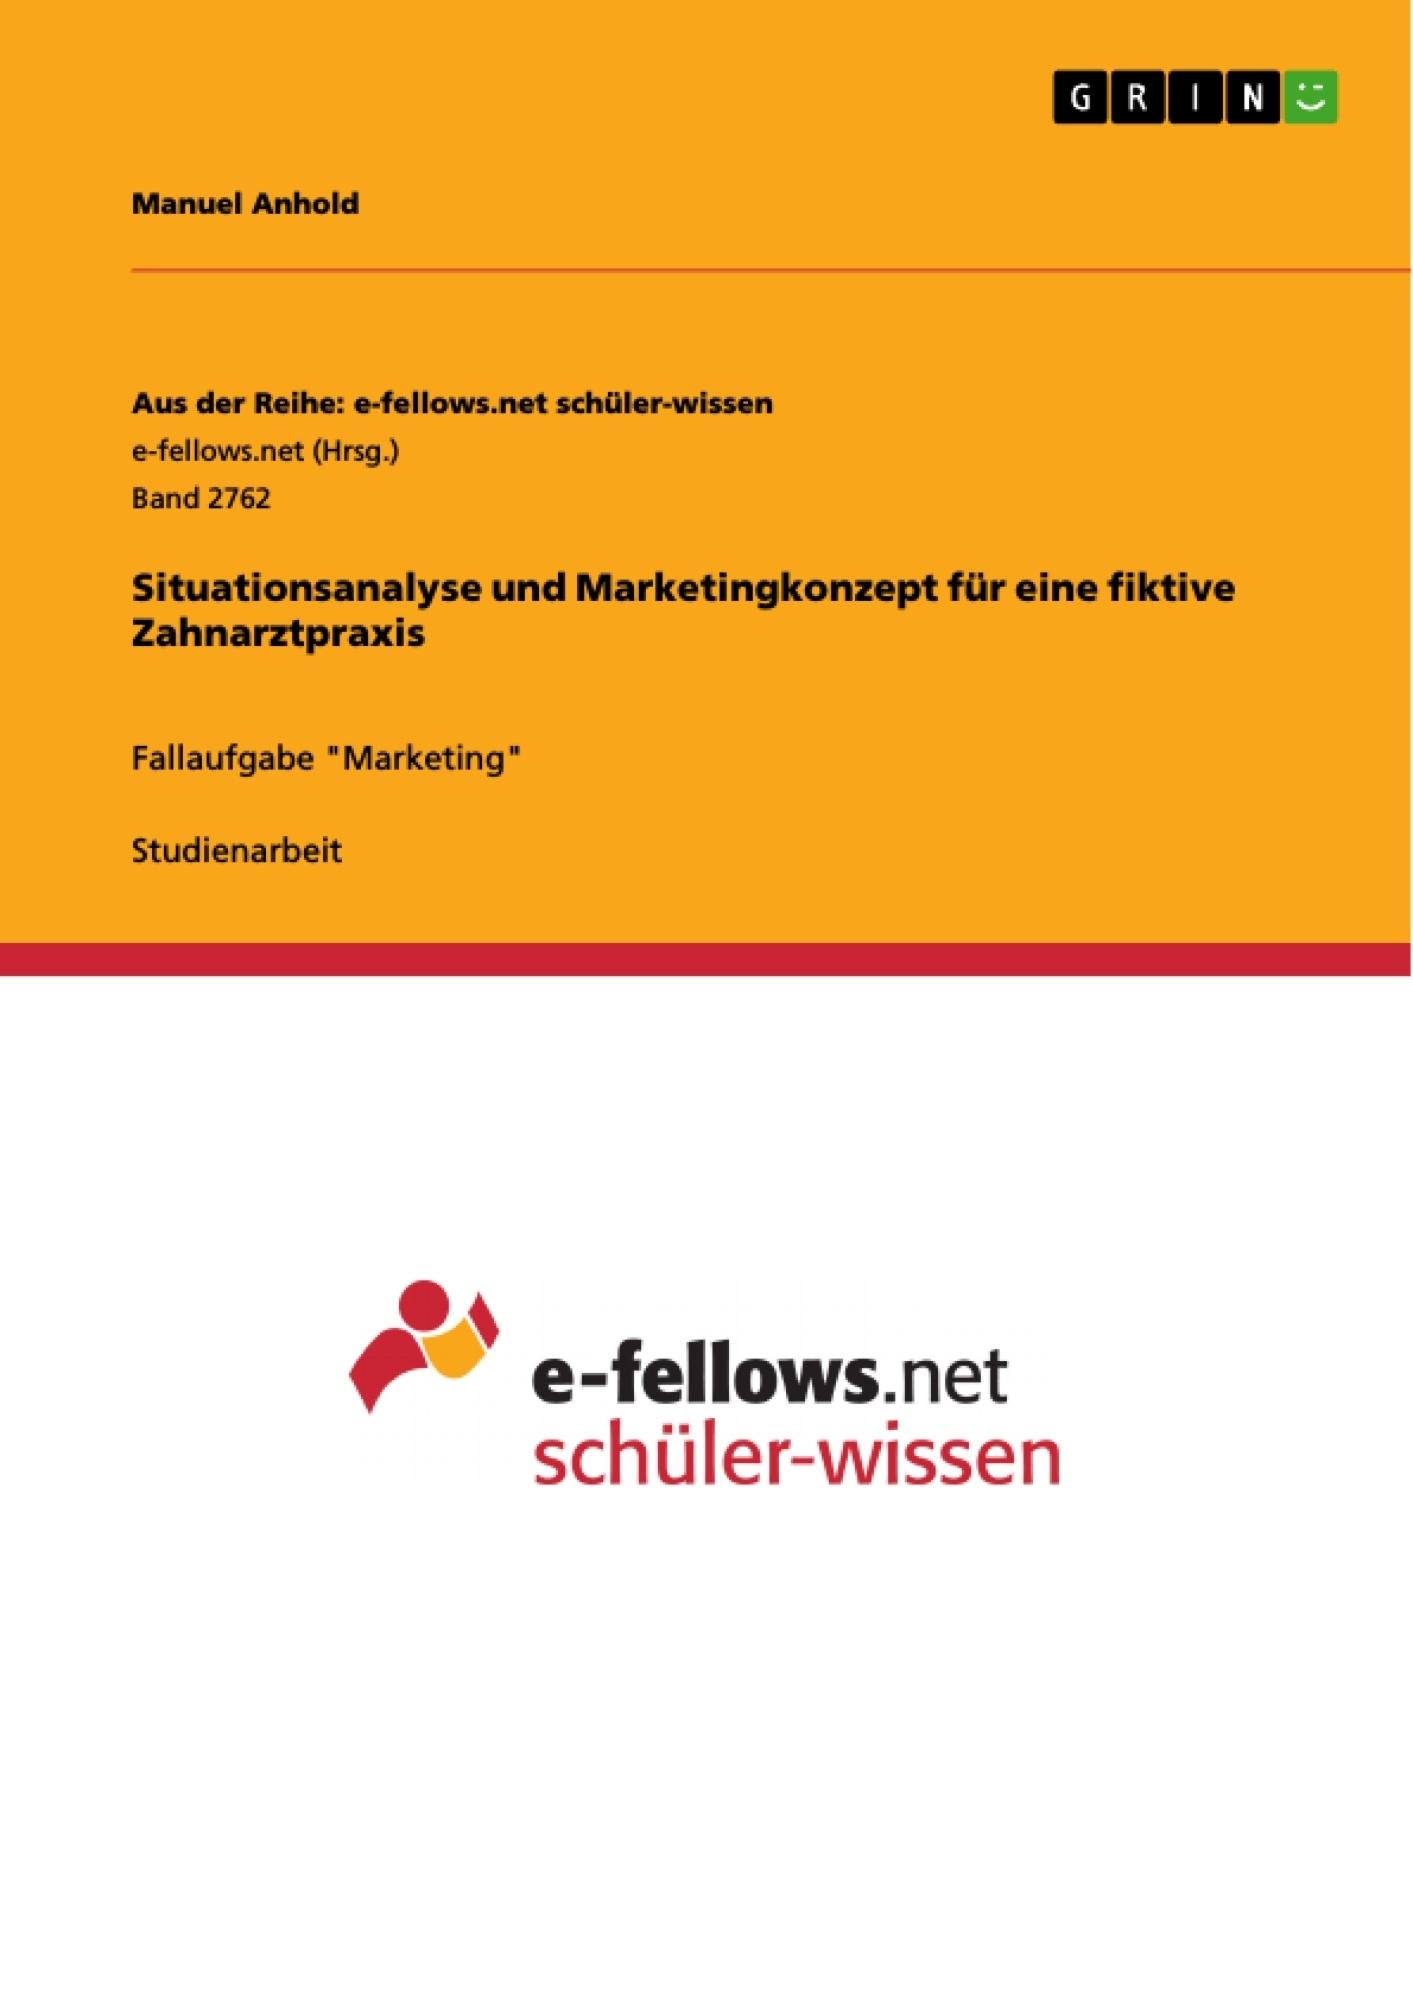 Titel: Situationsanalyse und Marketingkonzept für eine fiktive Zahnarztpraxis